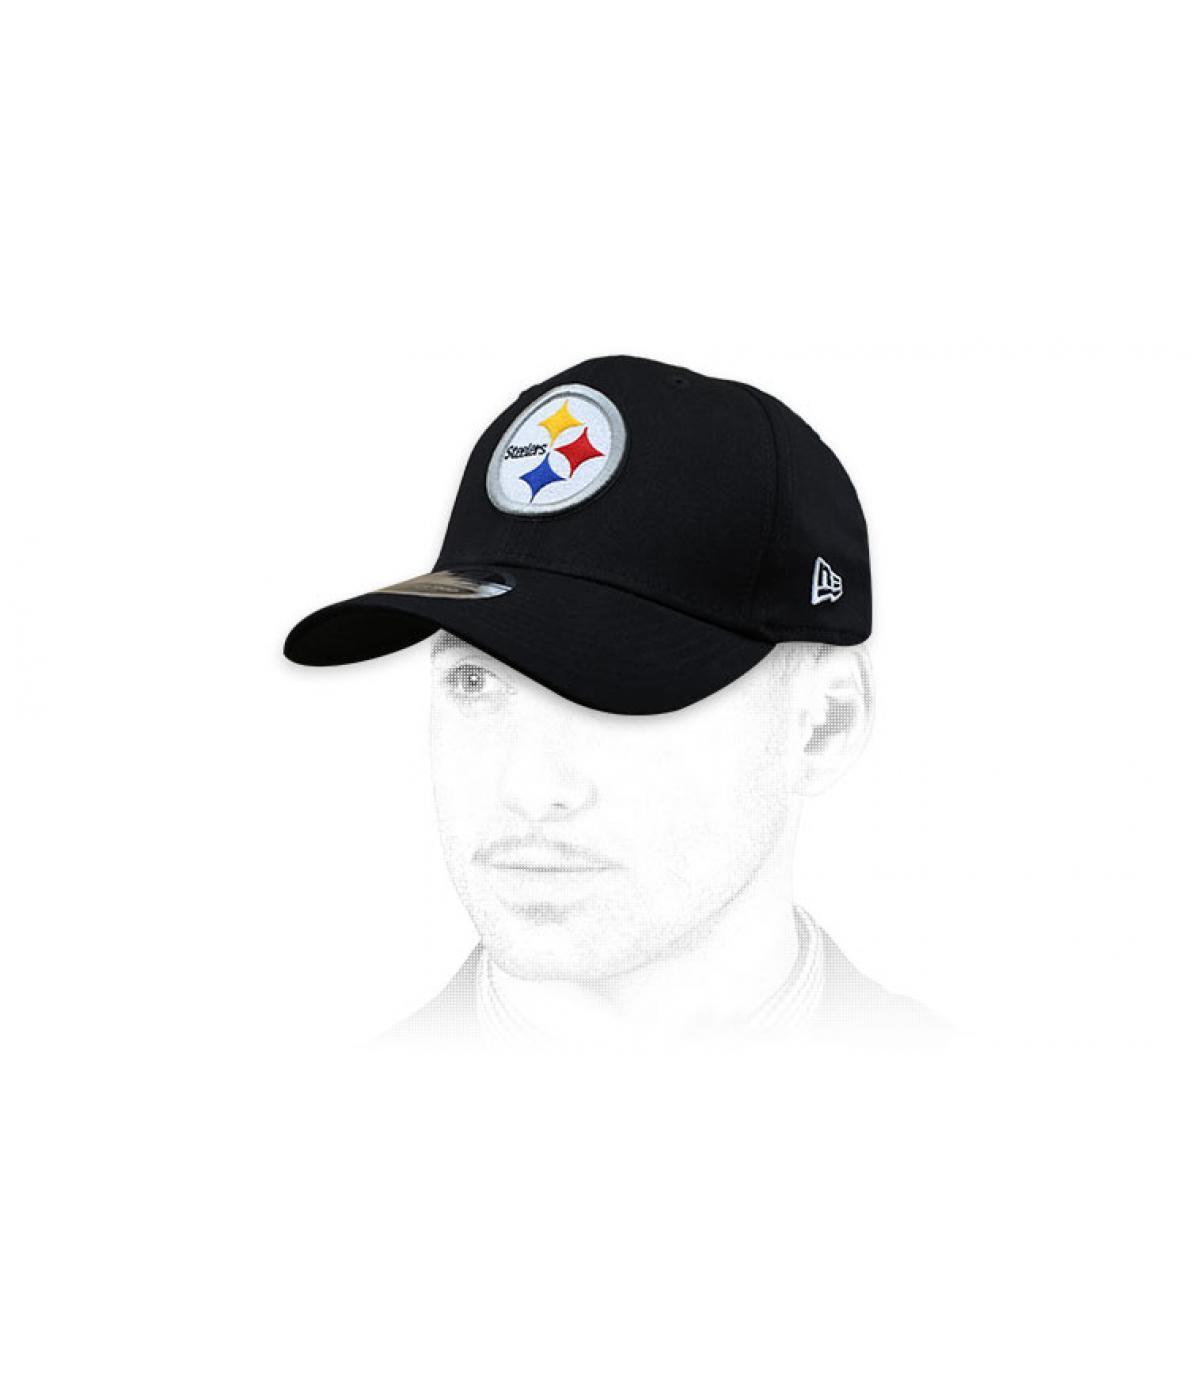 Zwarte Steelers cap